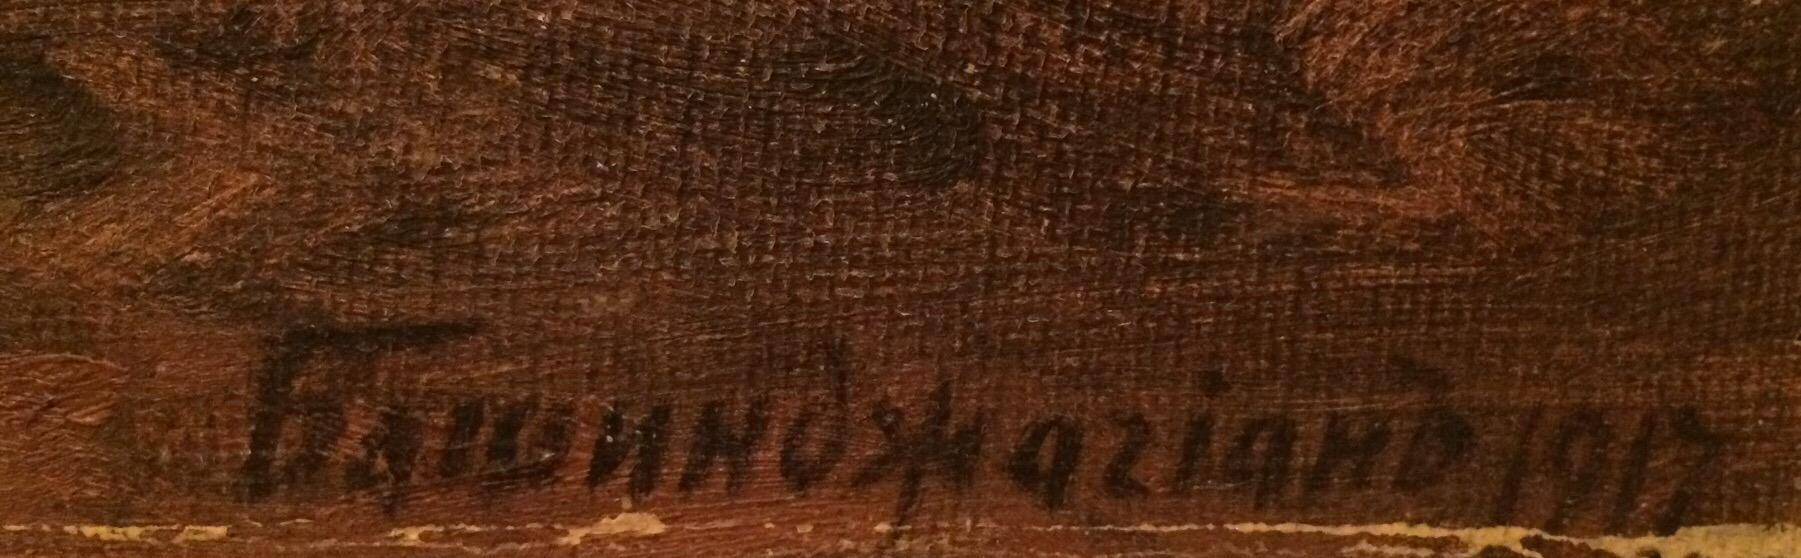 Подпись. Башинджагян Геворк Захарович. Рассвет над Севаном.